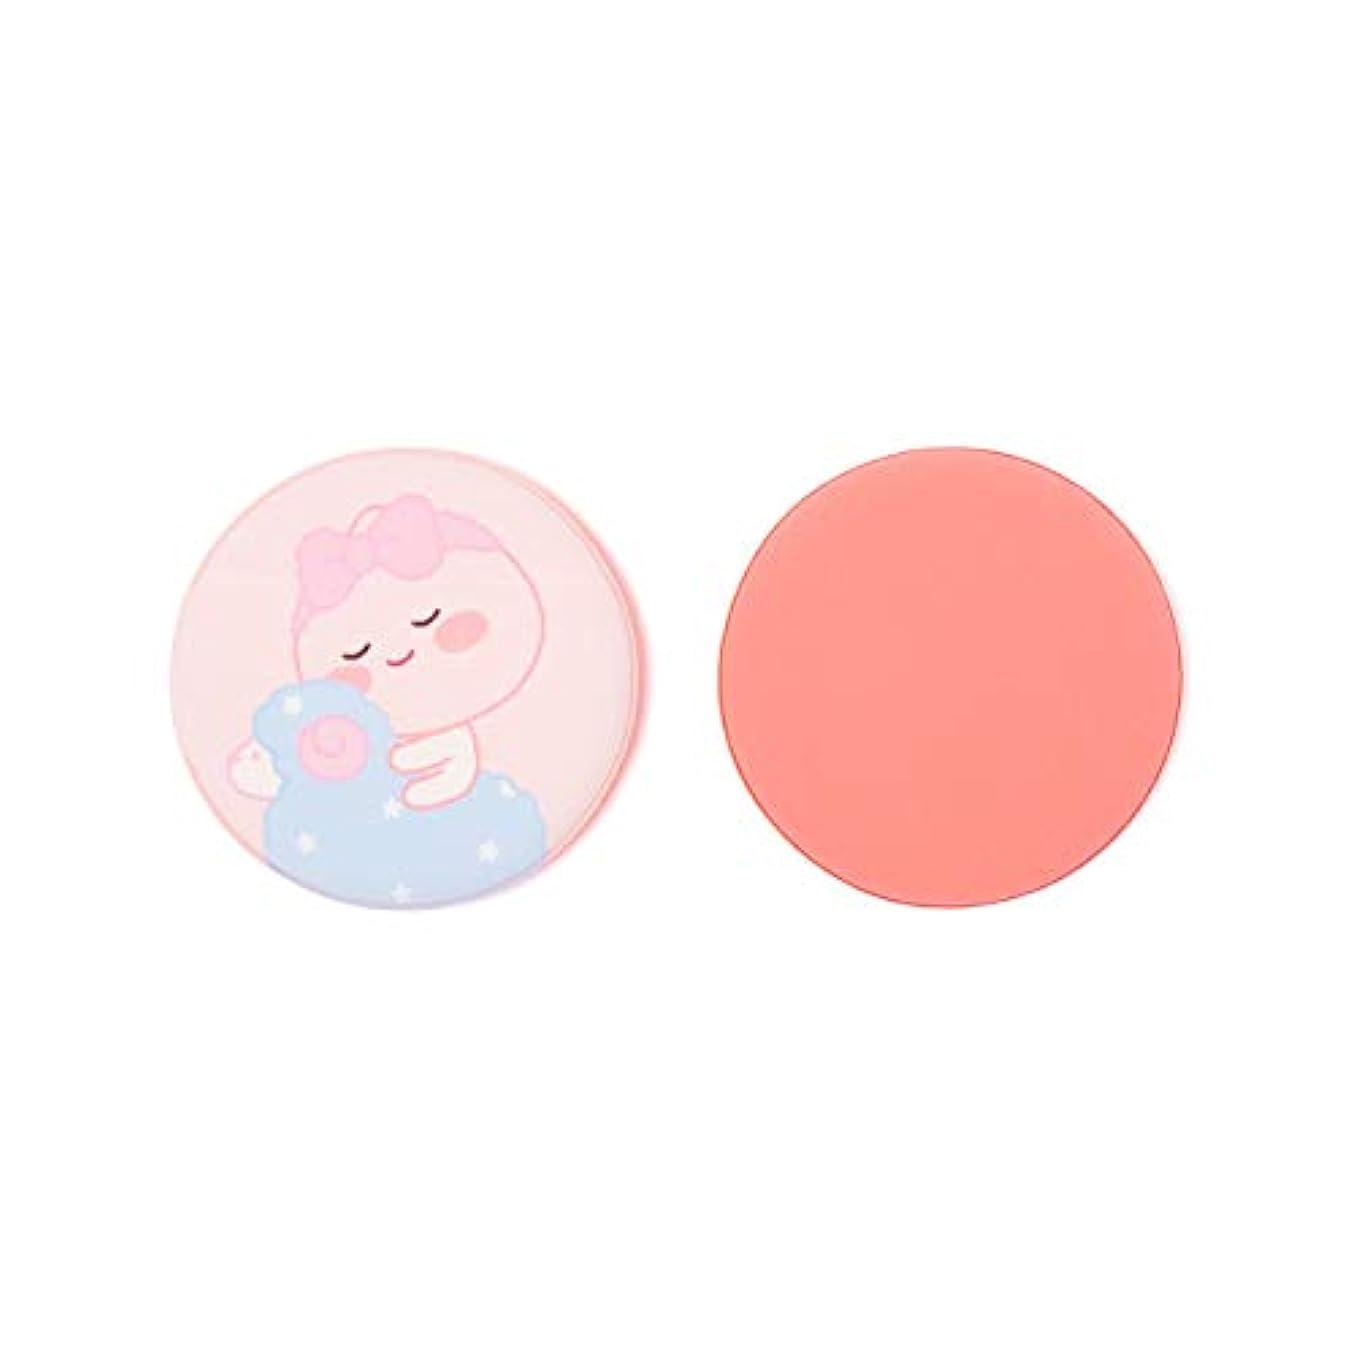 メトリック霧深い効能[オフィシャル] カカオフレンズ - エアクッションンパフ2P KAKAO FRIENDS - Lovely Apeach Air Cushion Puff 2P (Pink)